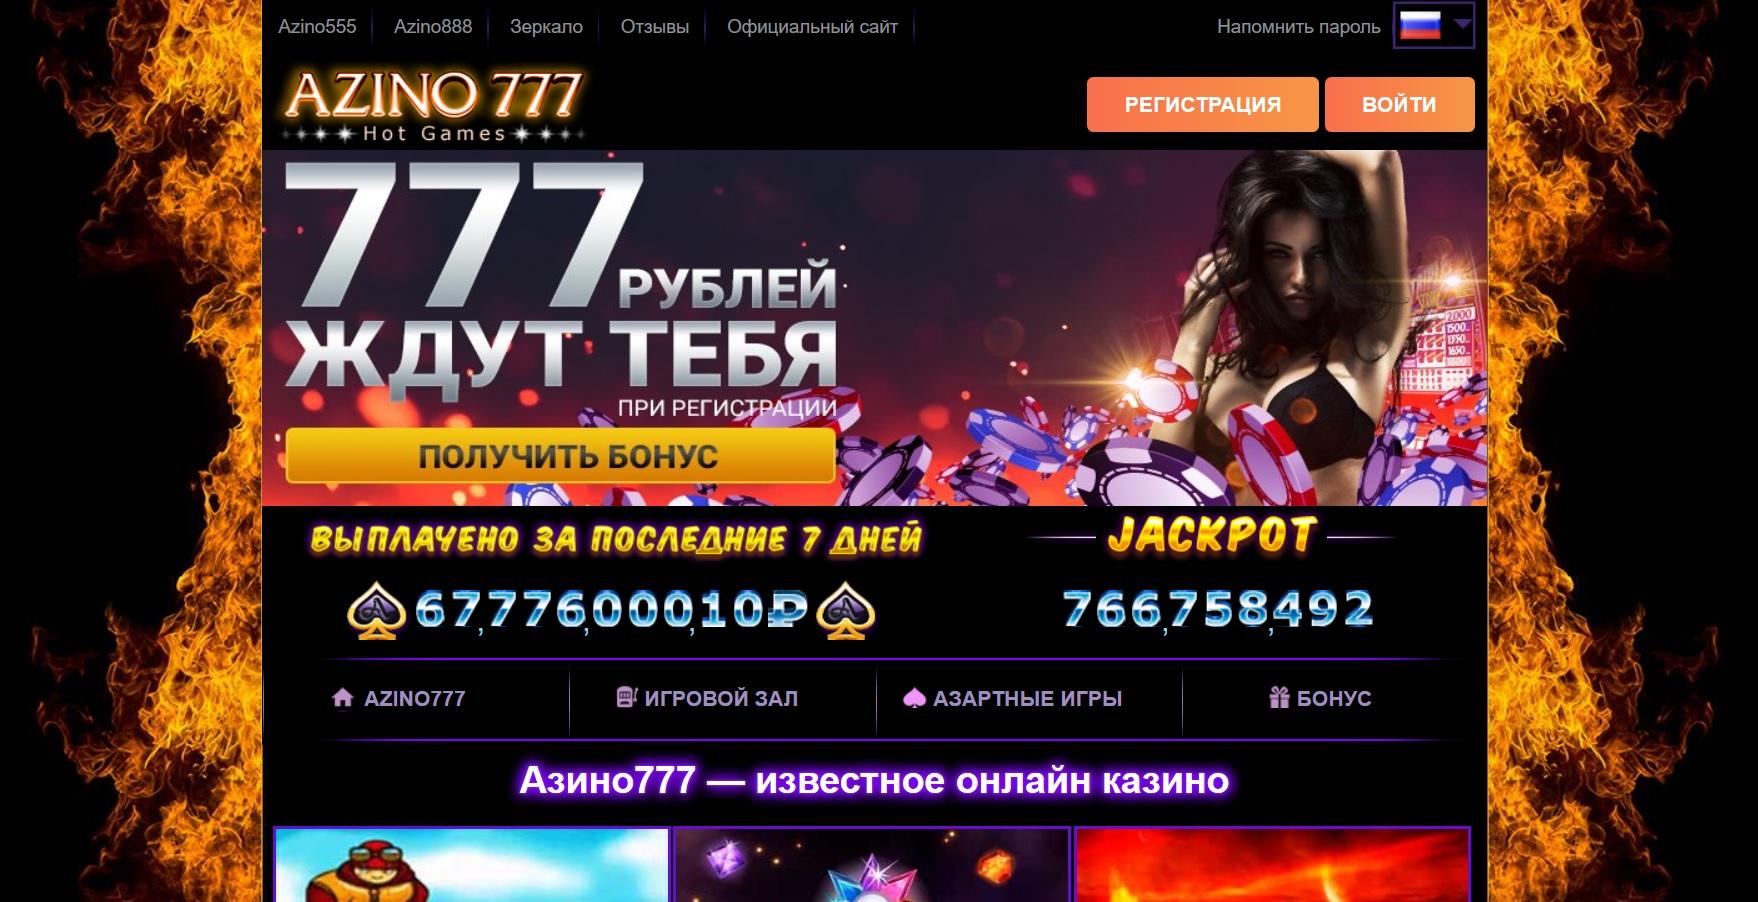 azino888 1 ru